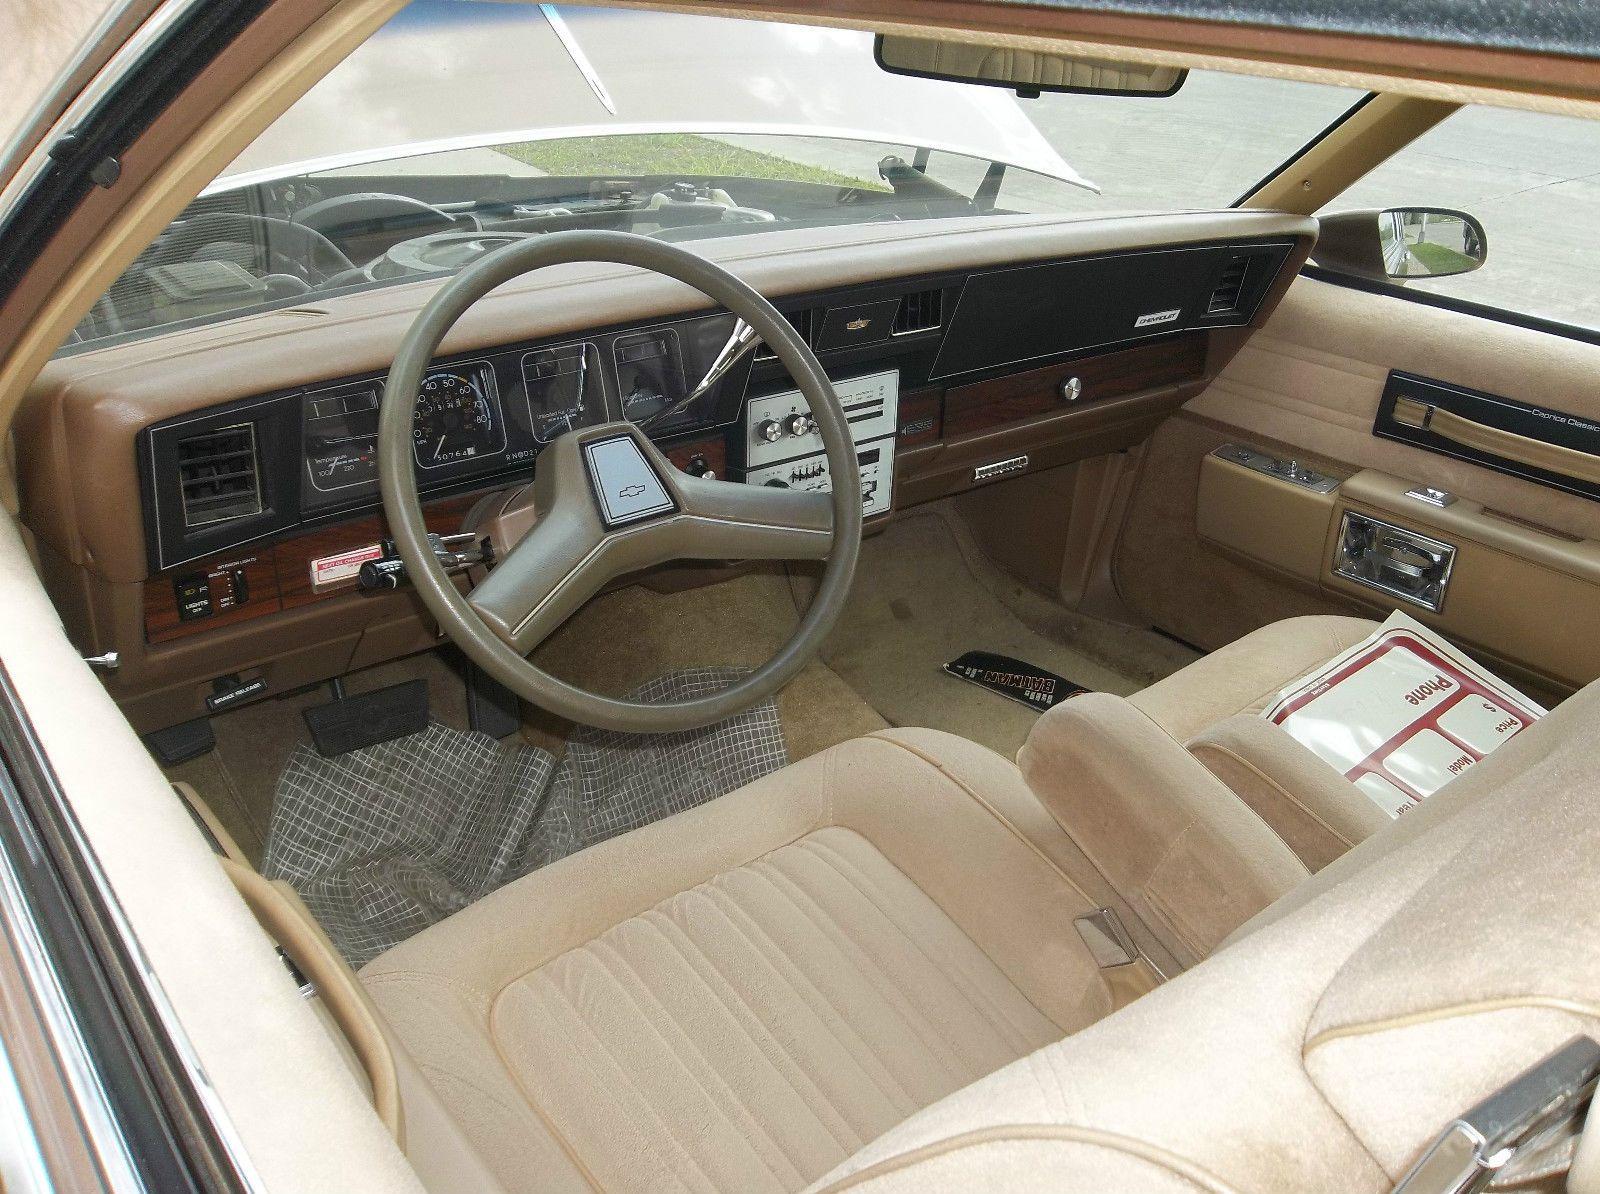 1986 chevrolet caprice 2 door landau sport coupe in dark chestnut 30 000 miles caprice classic classic interior chevrolet 1986 chevrolet caprice 2 door landau